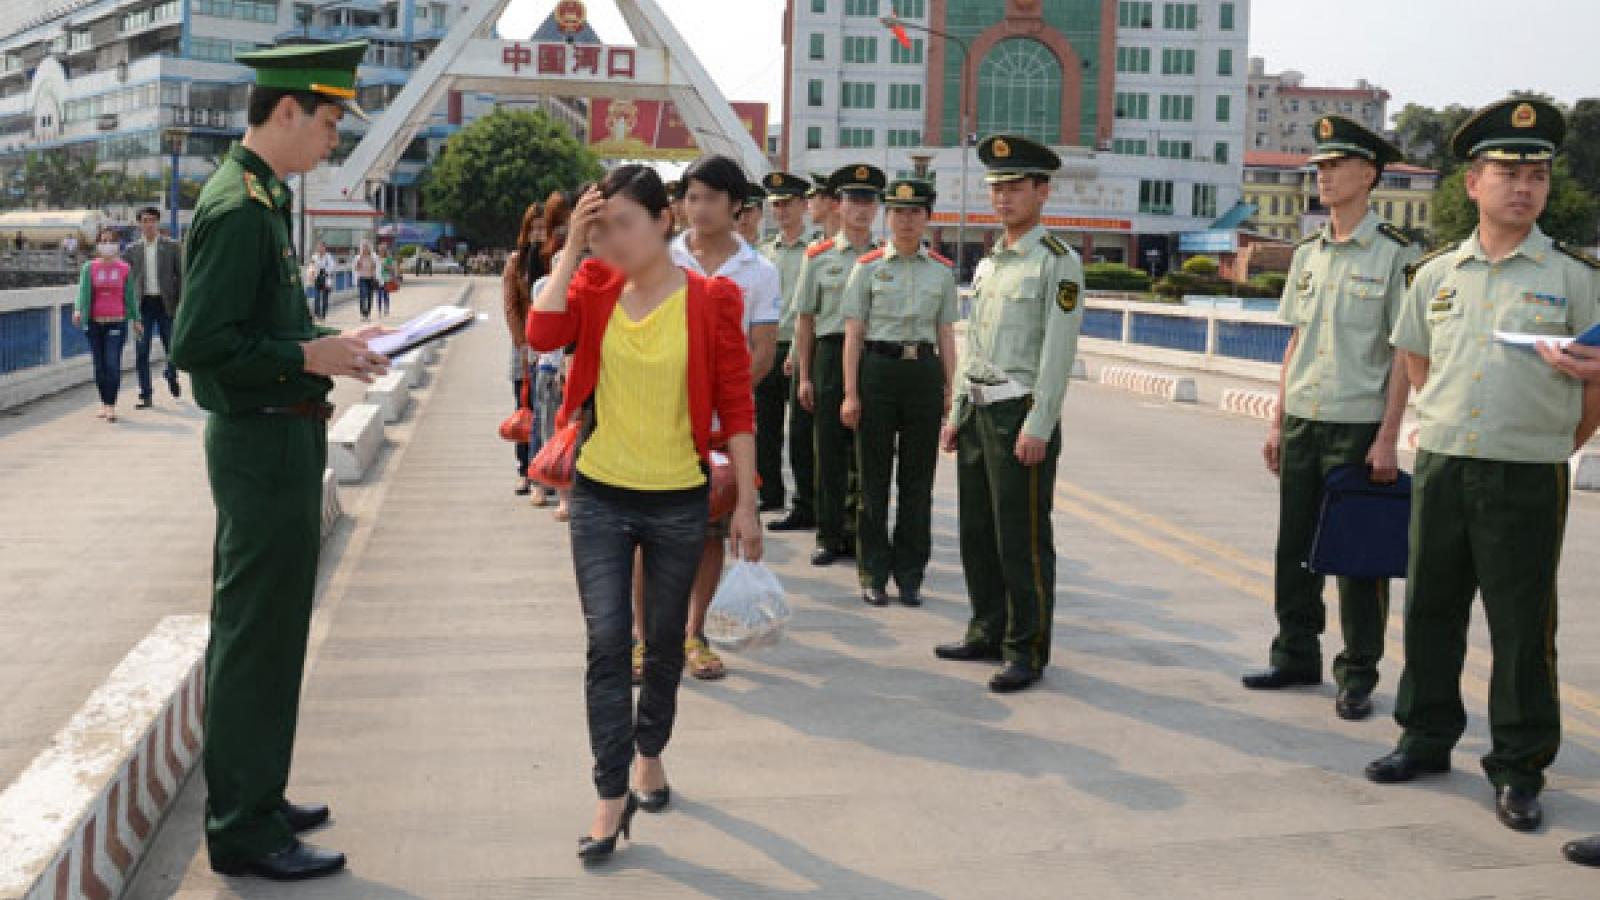 Chống buôn bán người: Không thể phủ nhận những nỗ lực của Việt Nam